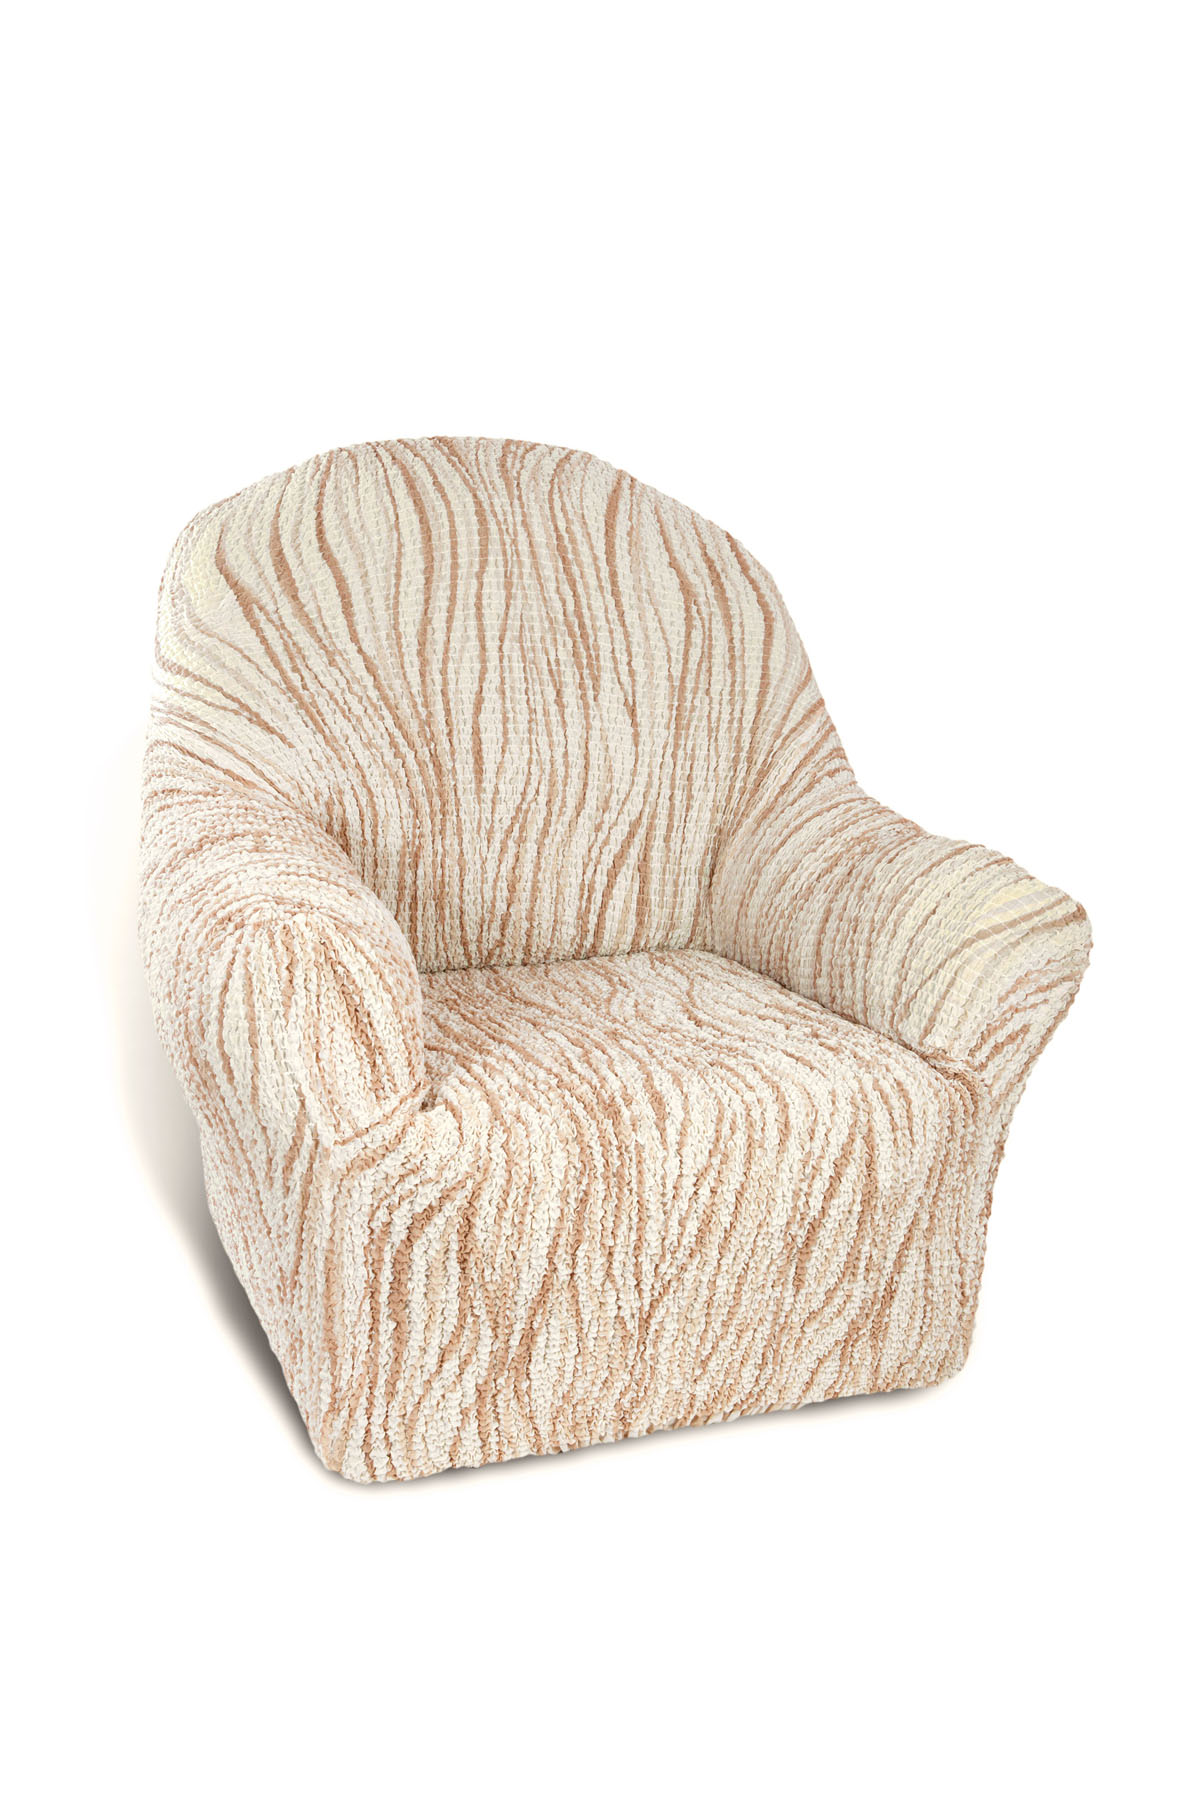 Чехол на кресло Еврочехол Виста, 60-100 см. 6/43-1 чехлы для мебели еврочехол еврочехол плиссе лен на кресло